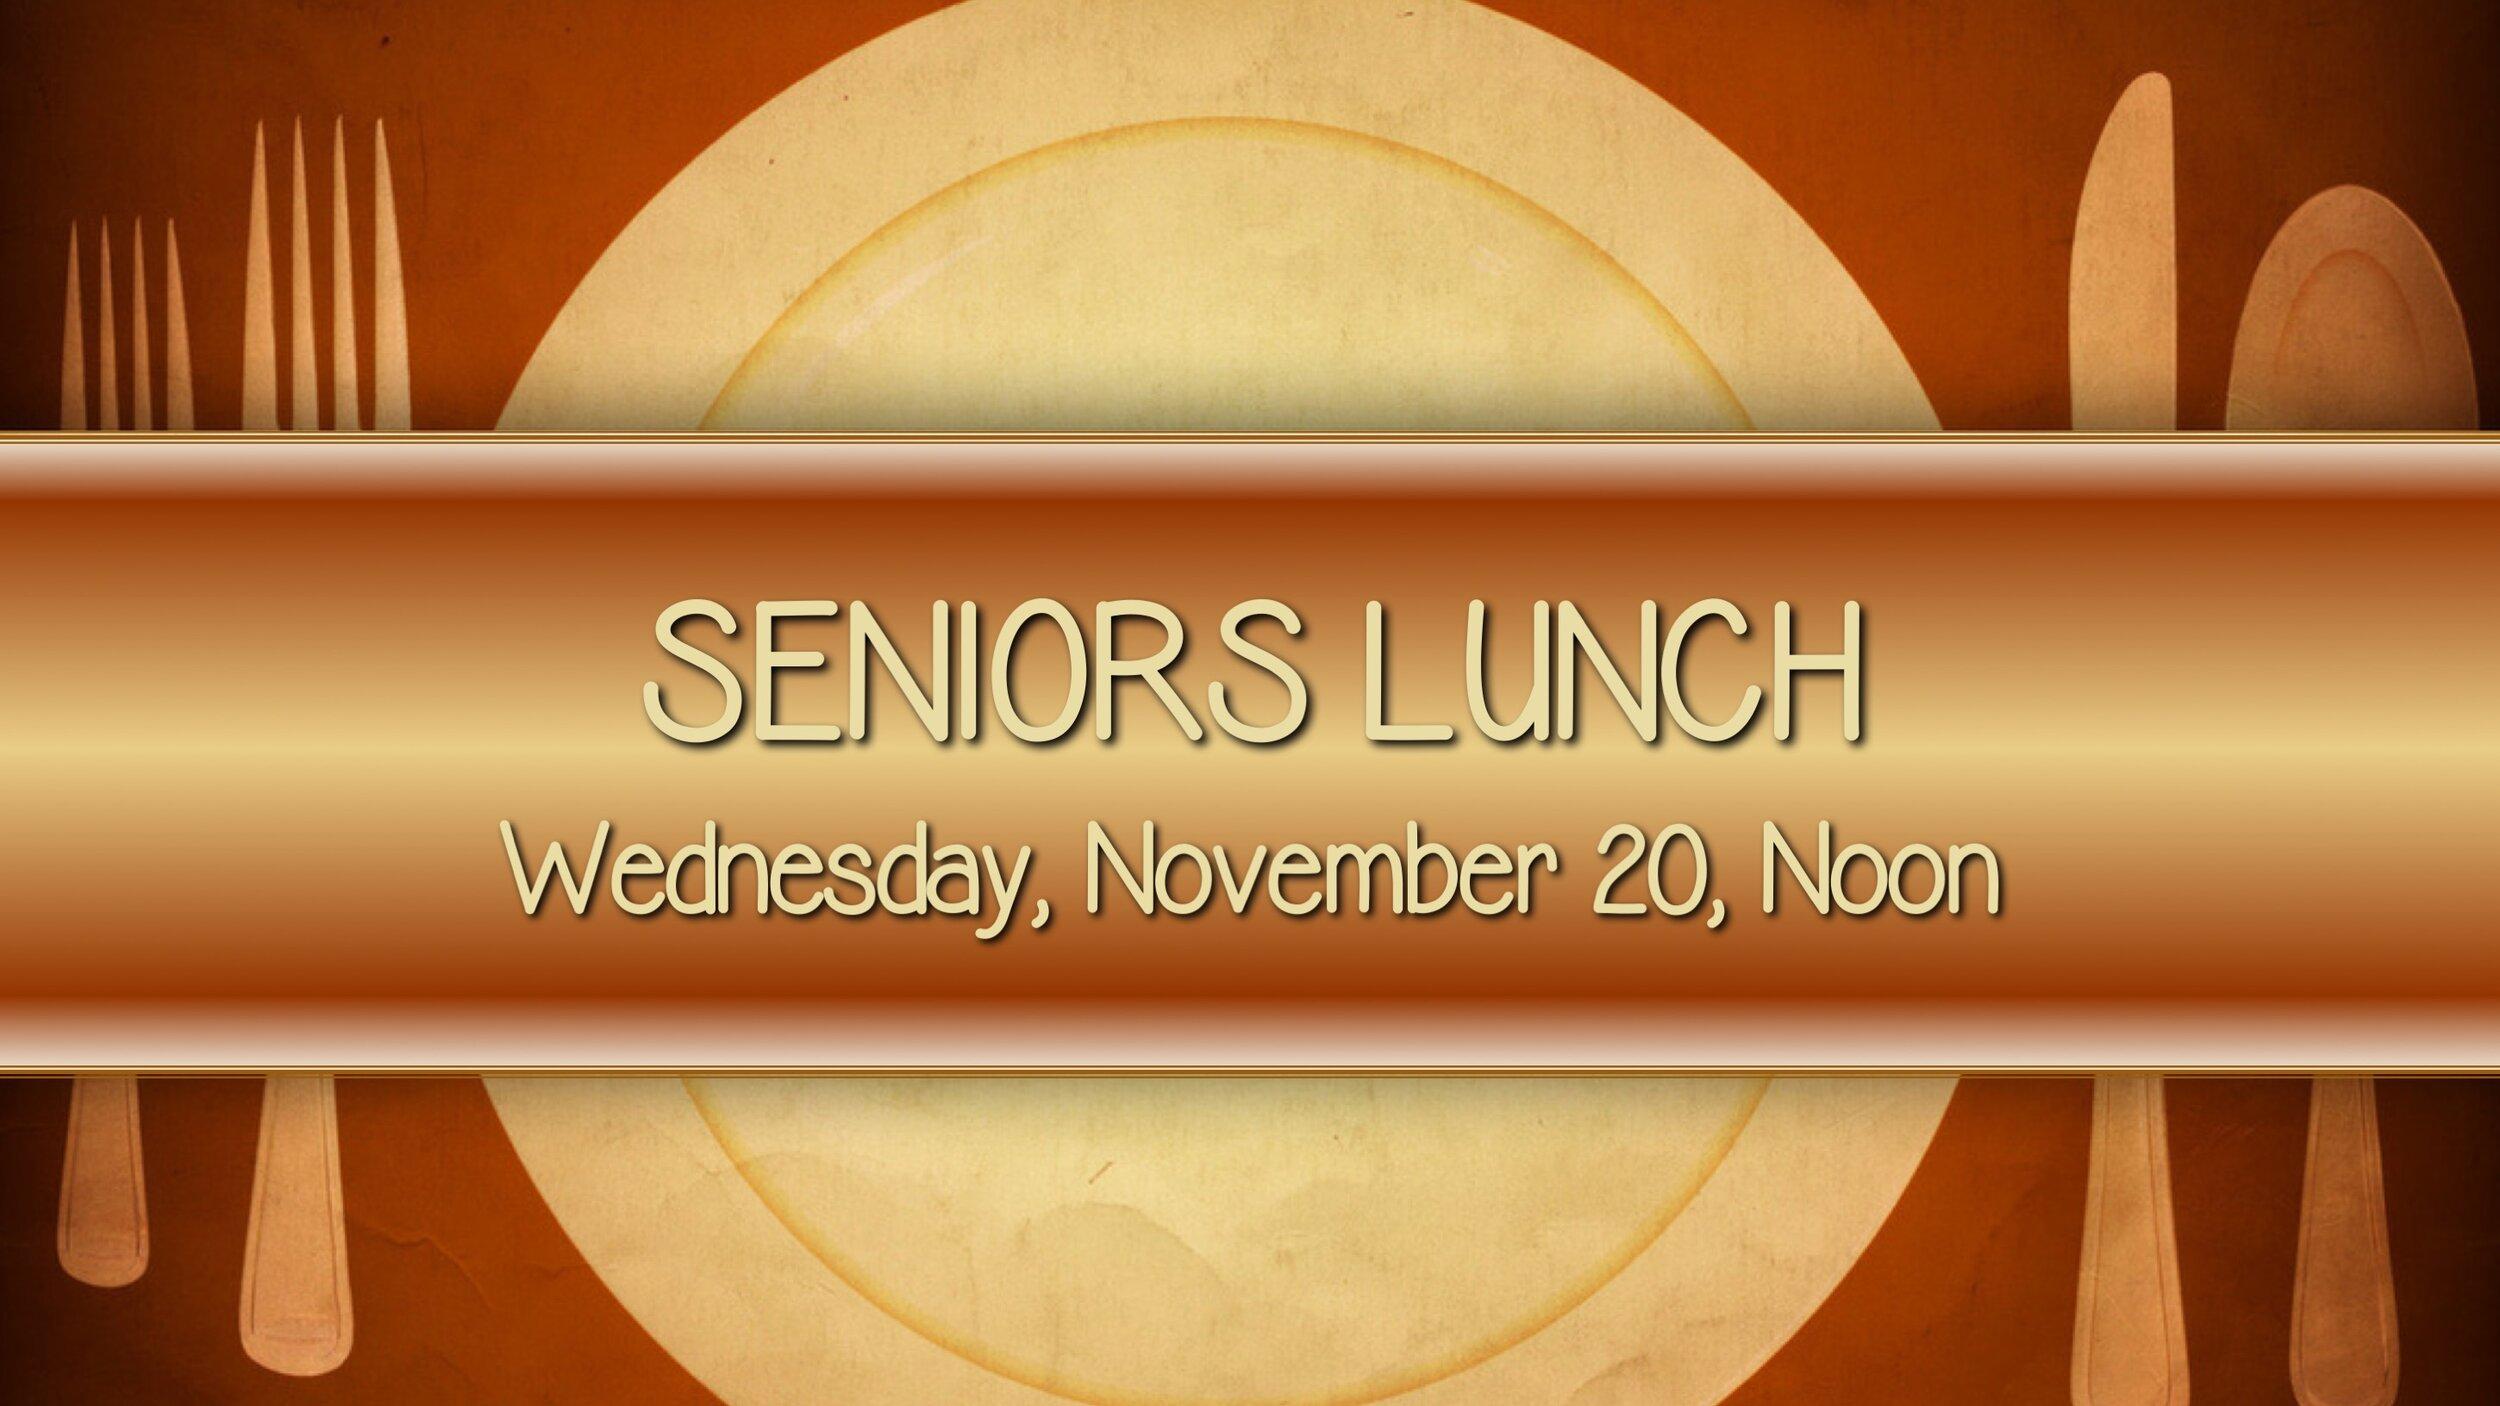 Seniors Lunch November 2019 16x9.jpg